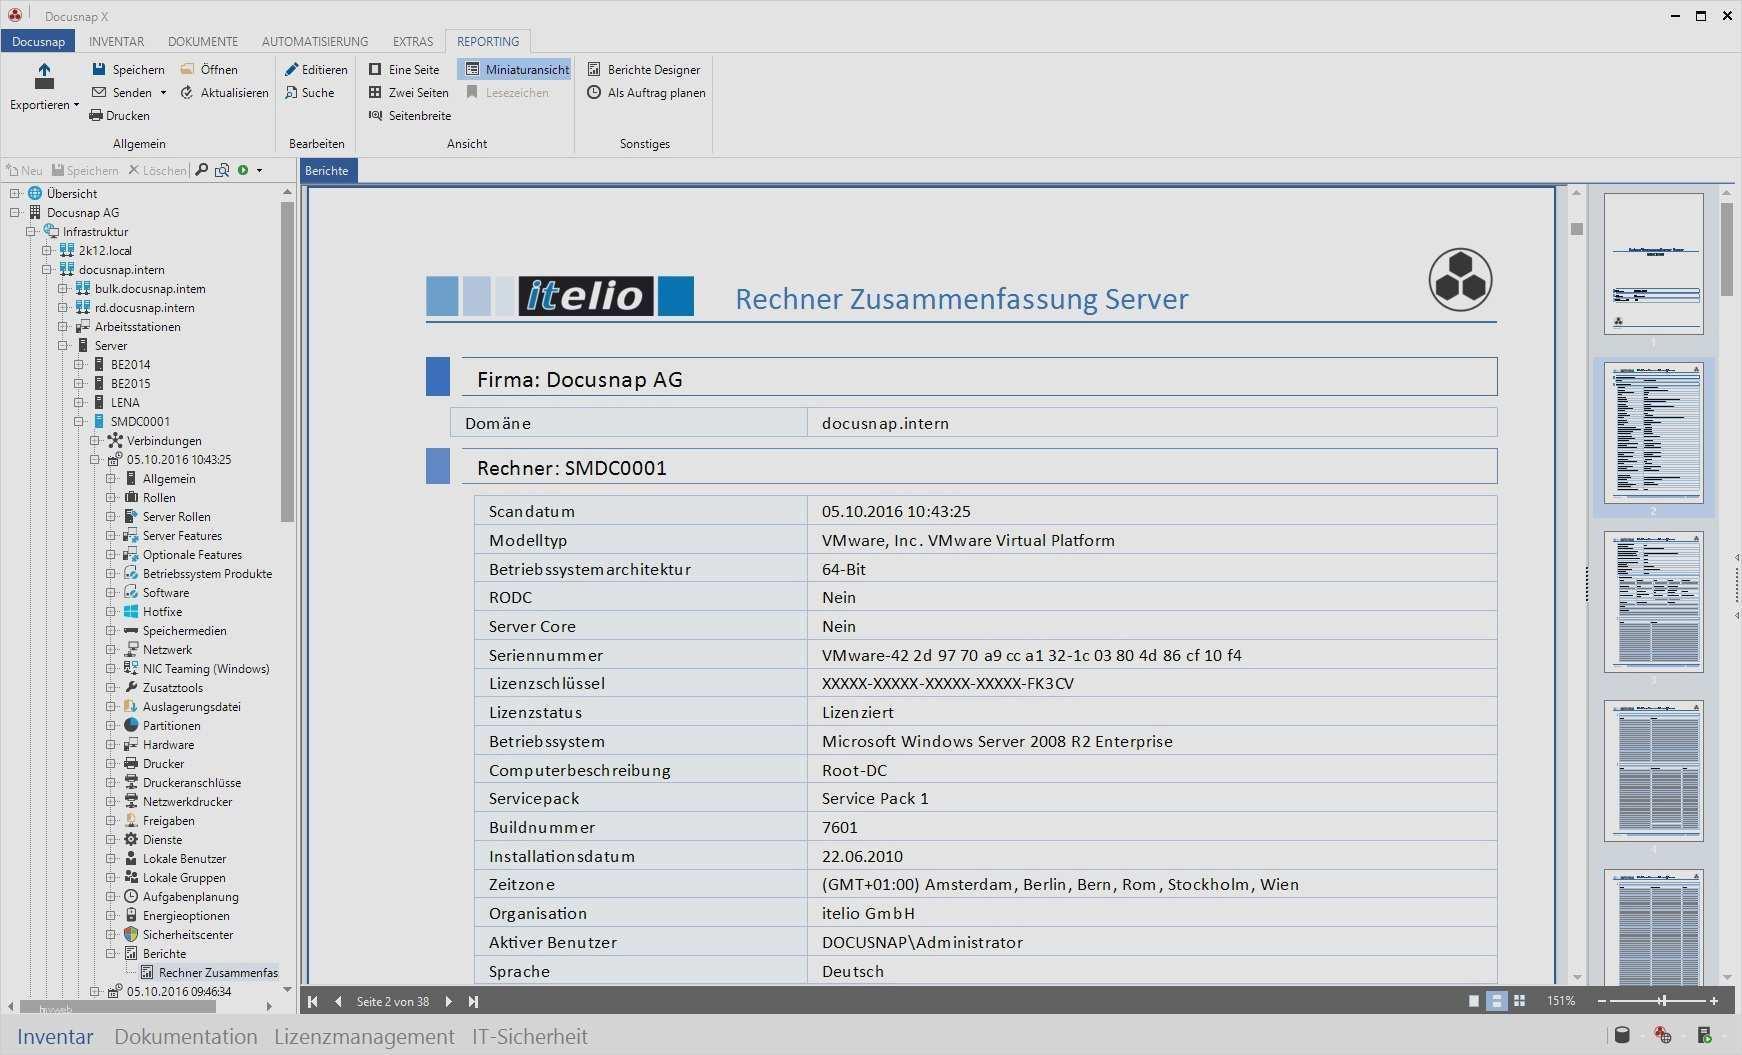 Suss Dokumentation Vorlage Word Solche Konnen Einstellen In Microsoft Word Vorlagen Word Microsoft Word Kreative Lebenslaufvorlagen